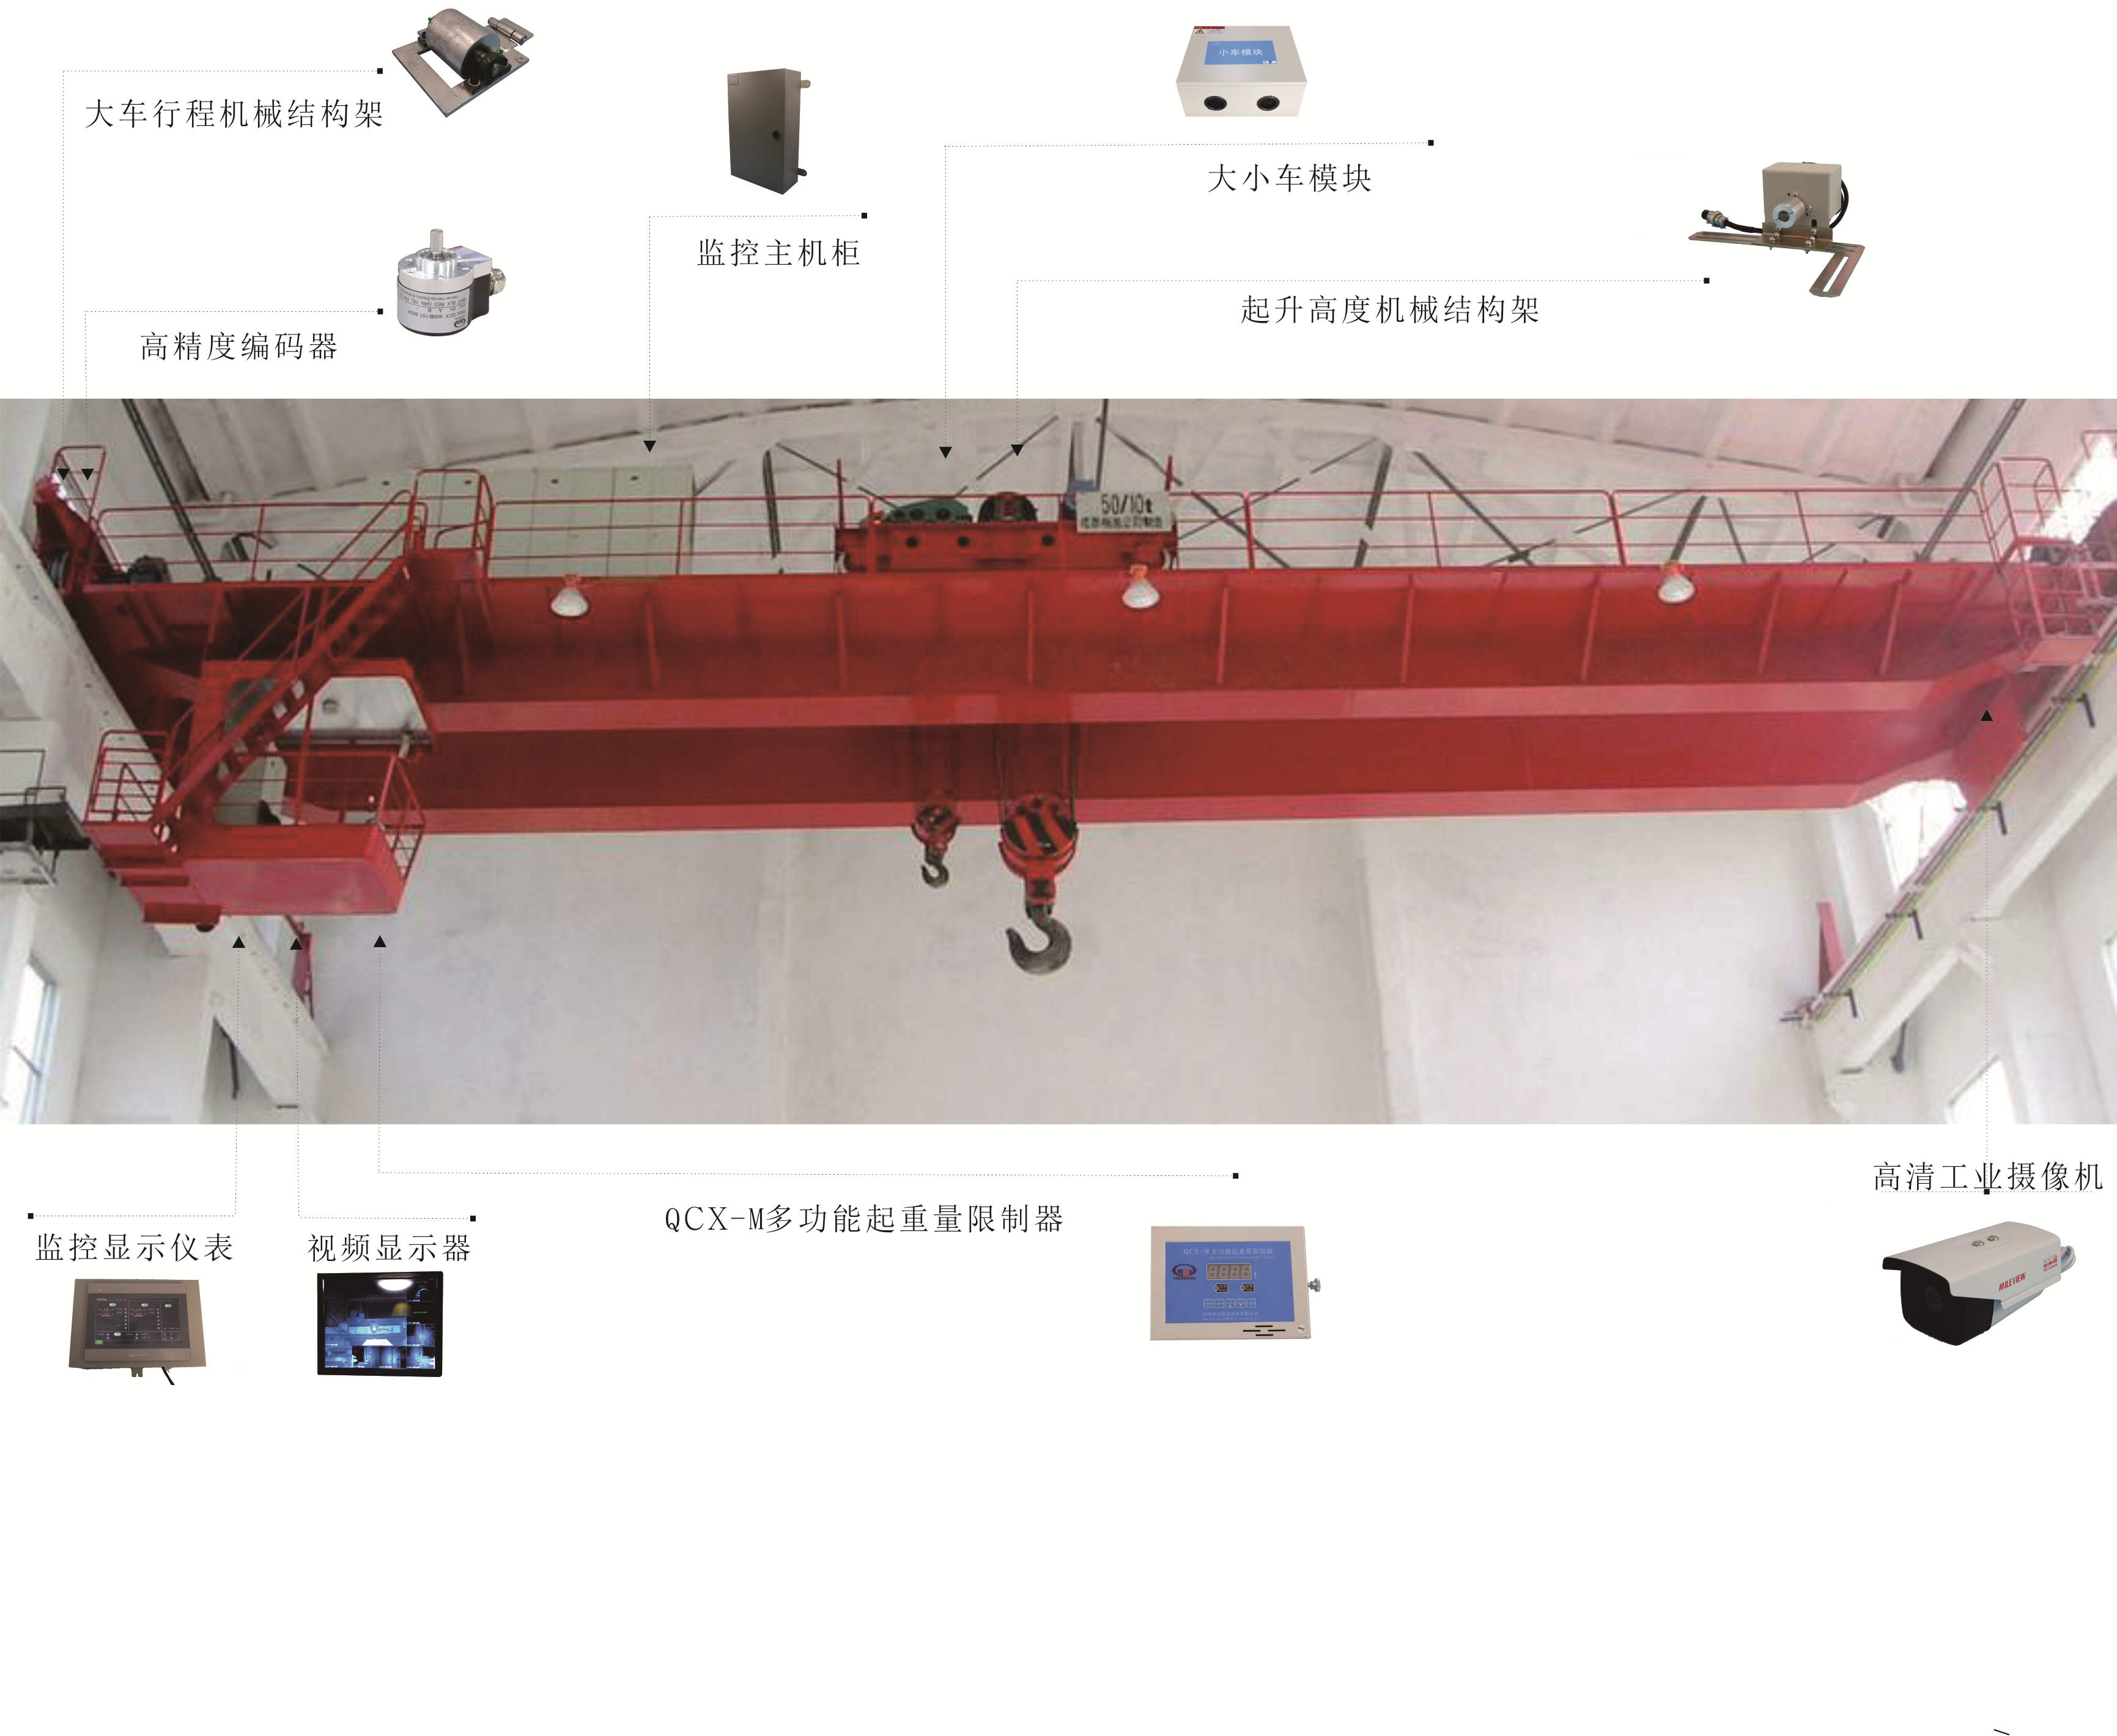 冶金吊修改安全监控管理系统